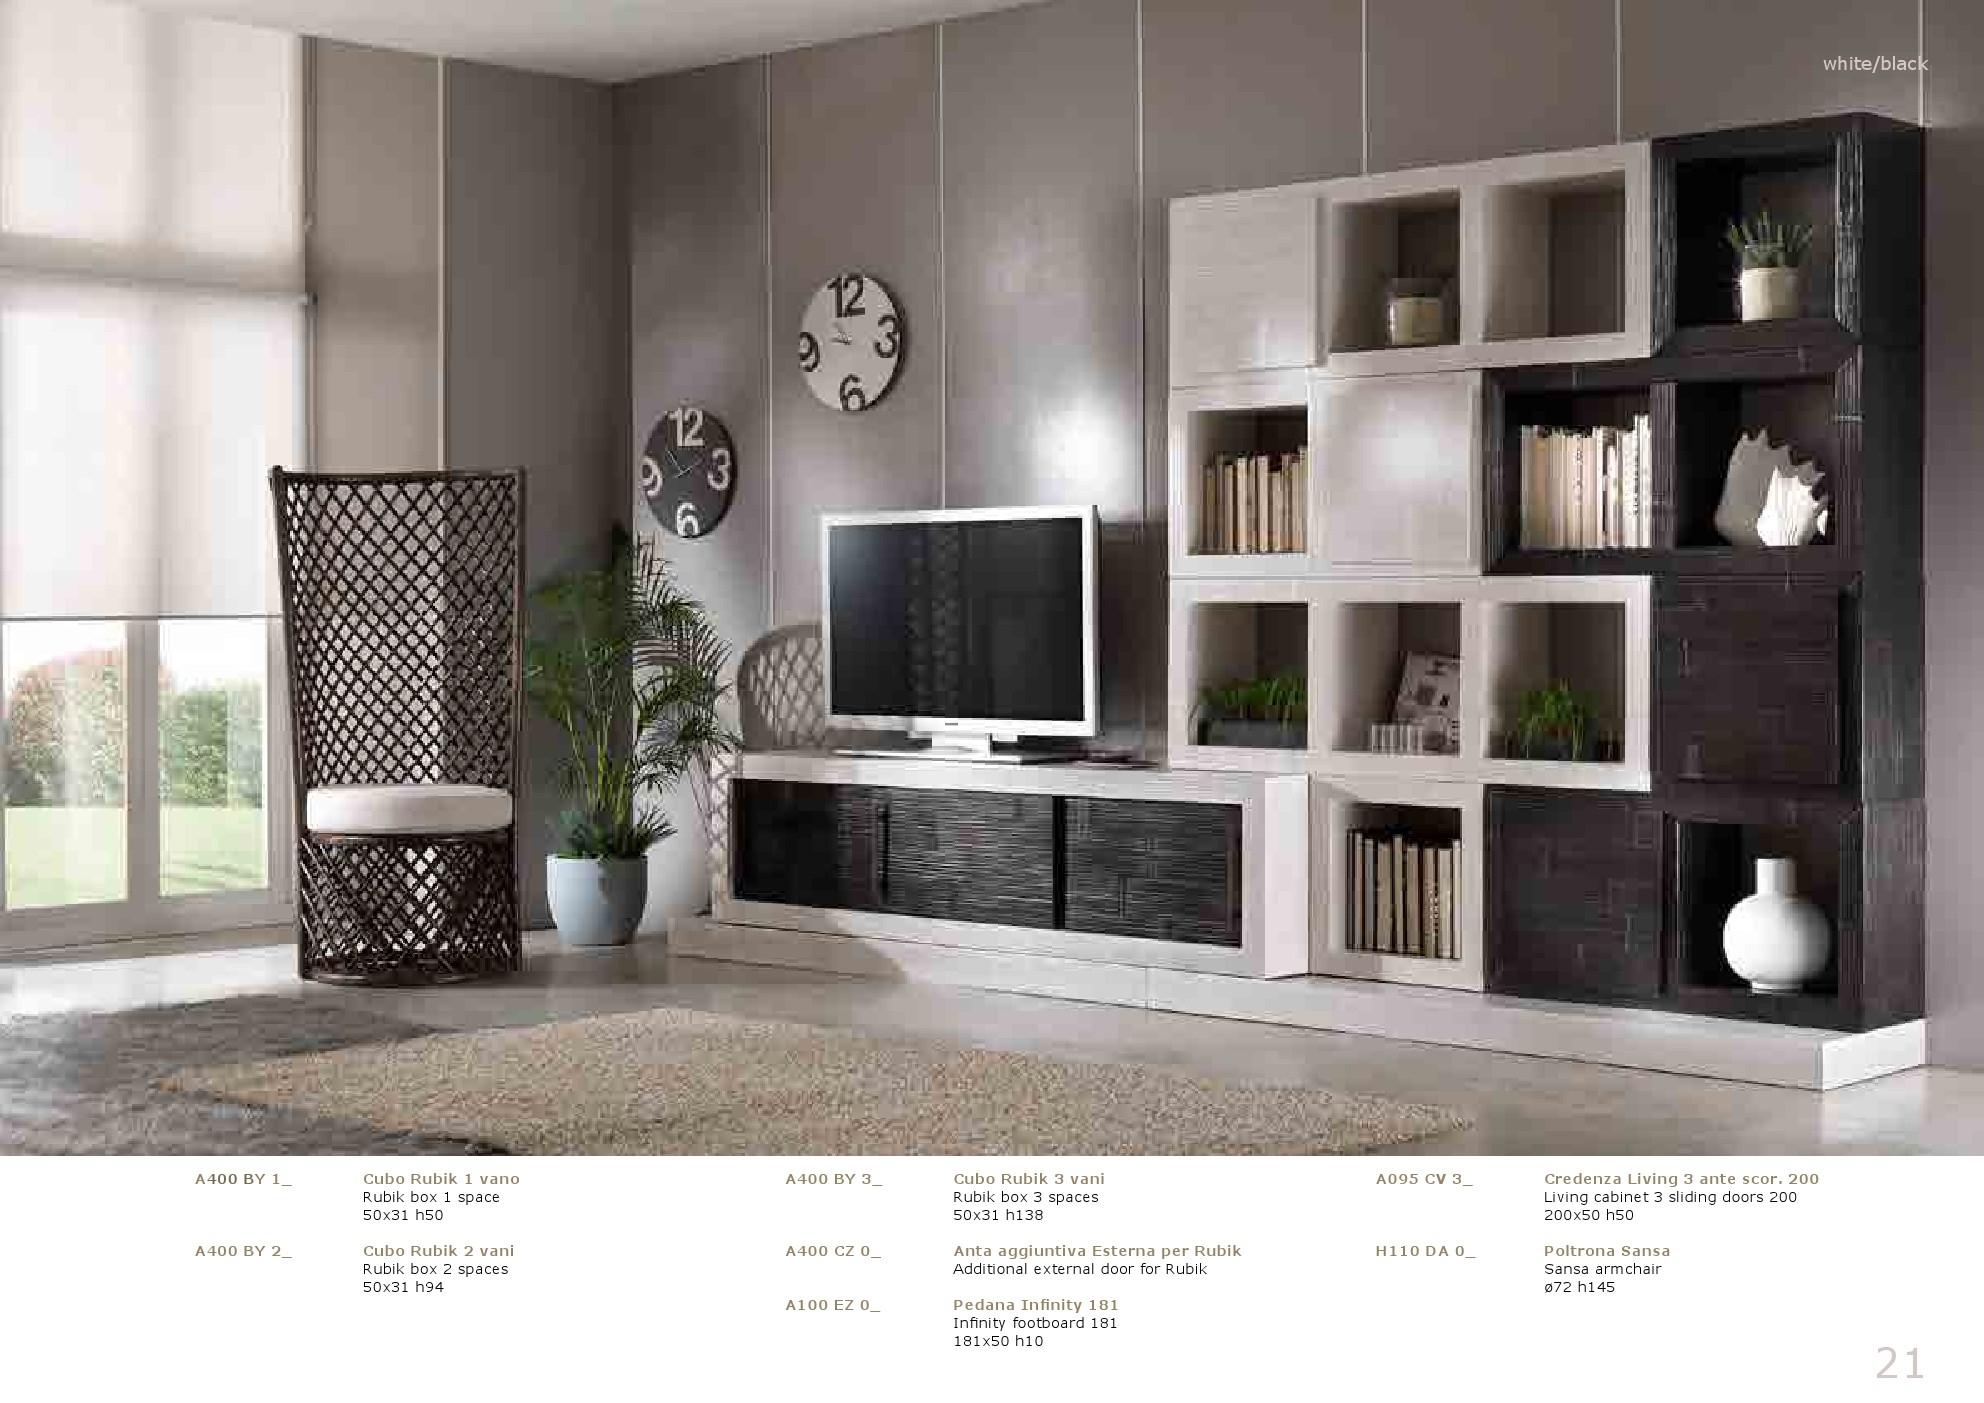 cucina e soggiorno. vetrate scorrevoli con telaio ligneo per ... - Unico Ambiente Cucina Salone 2